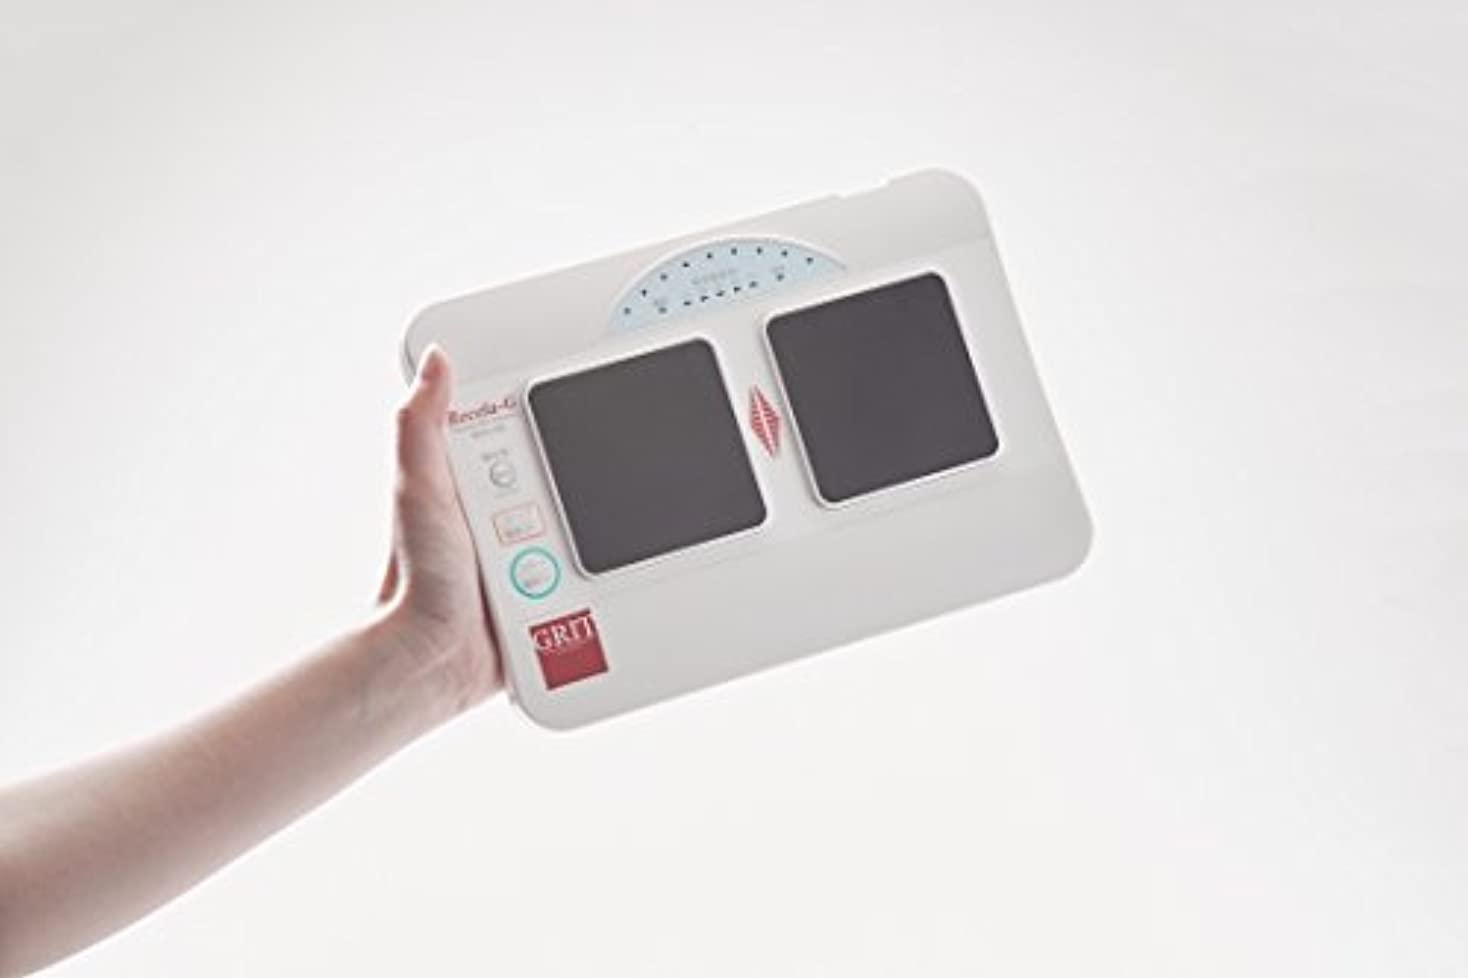 泥沼戸棚変成器リセラ-G Recela-G バイブレーション共鳴器  細胞共鳴装置 NEWタイプ「最新バージョン」